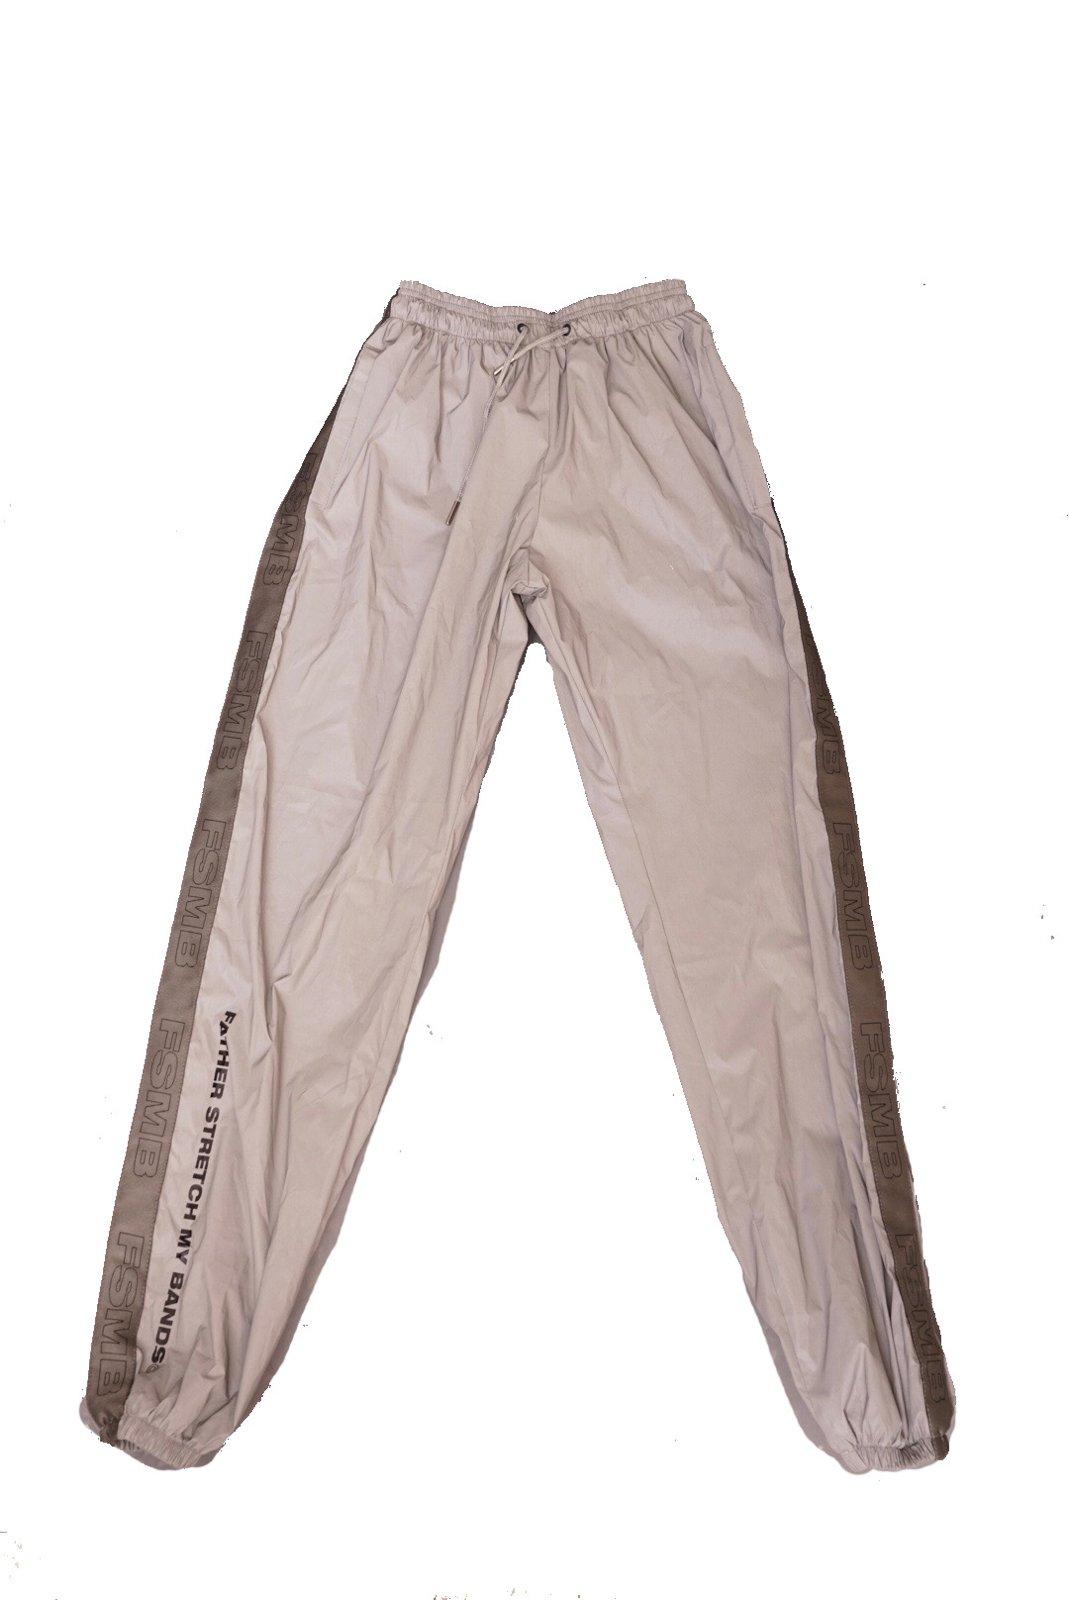 Image of FSMB® 3M Nylon pants